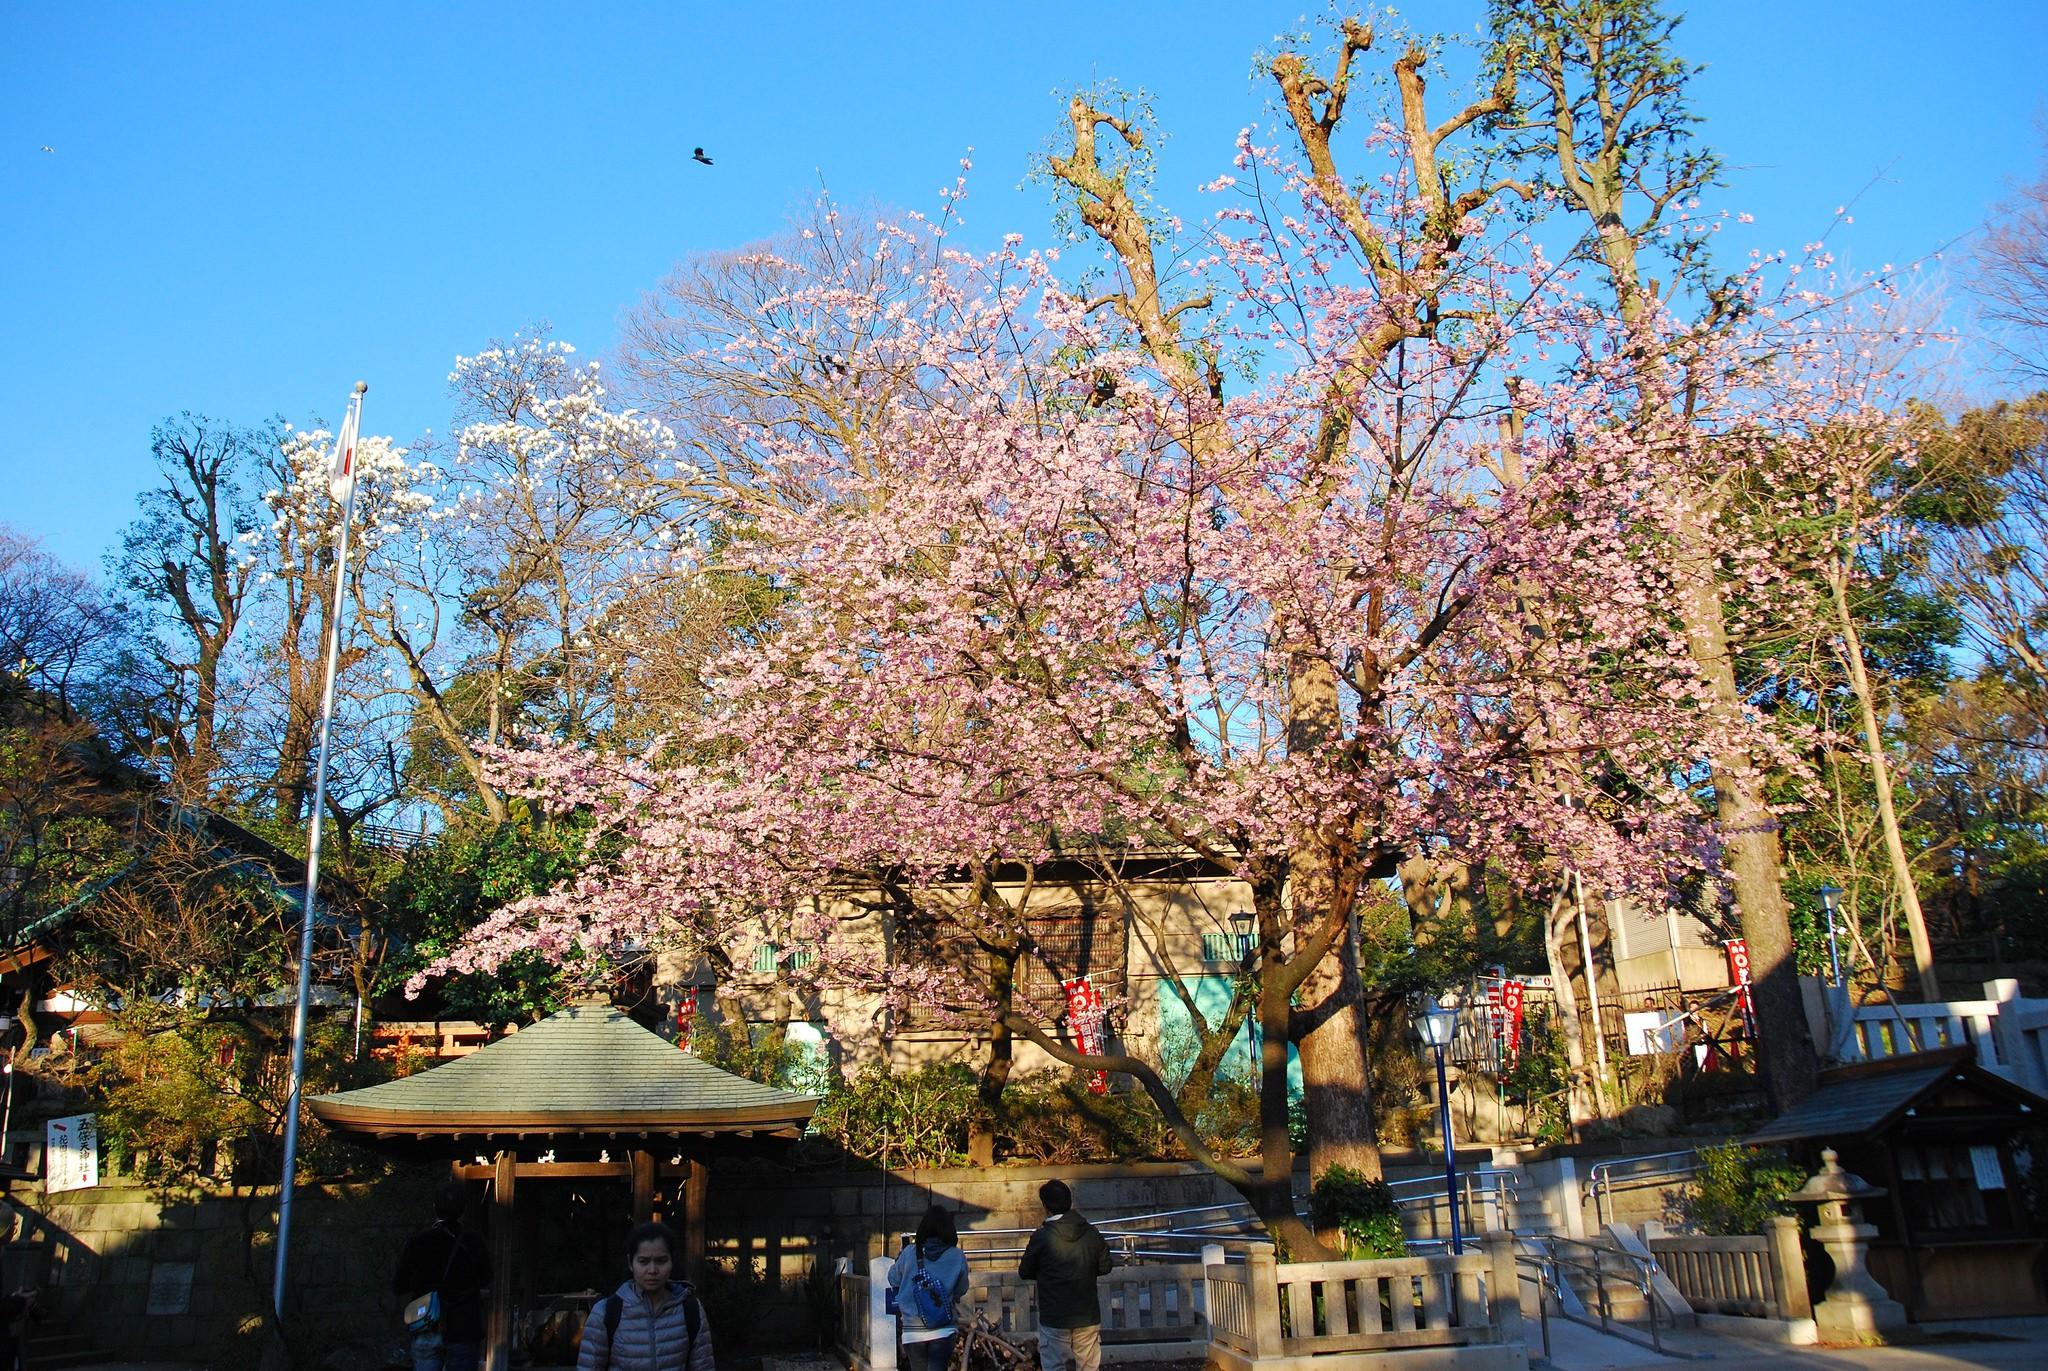 Sakura en flor en el Parque Ueno